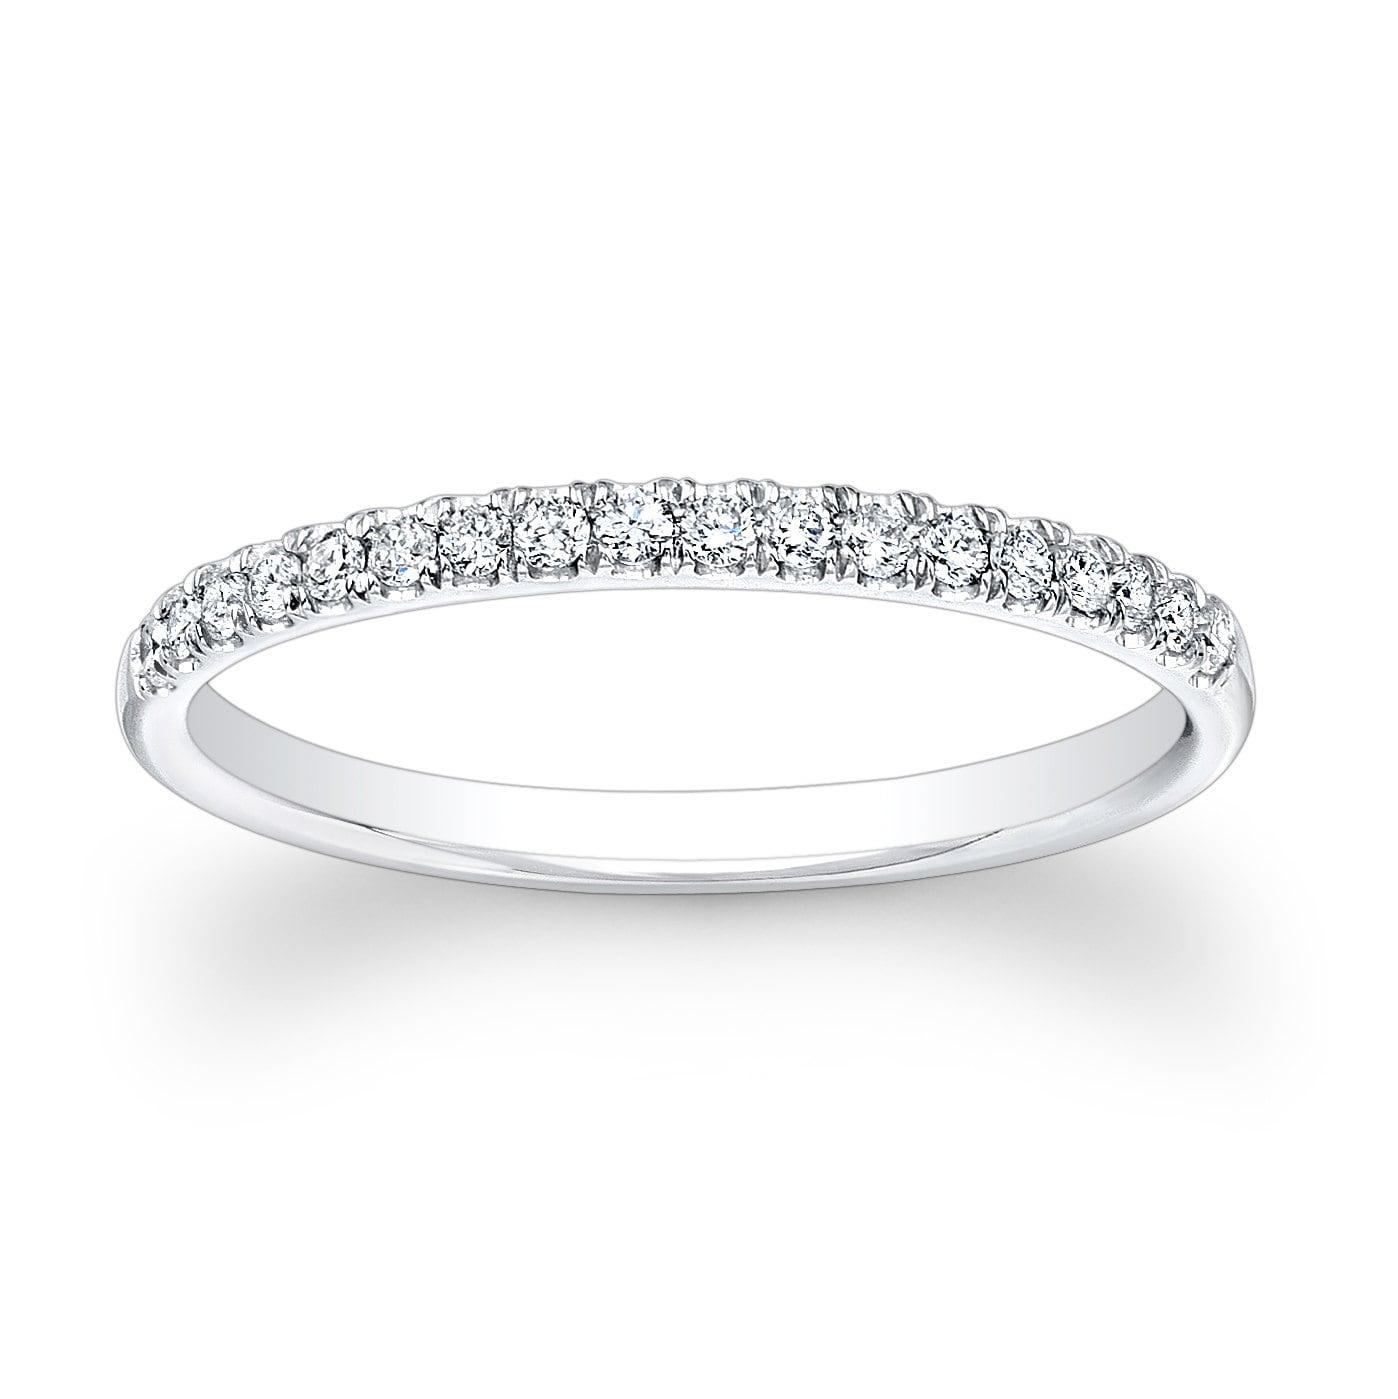 La s 18kt white gold diamond wedding band 0 20 ctw G VS2